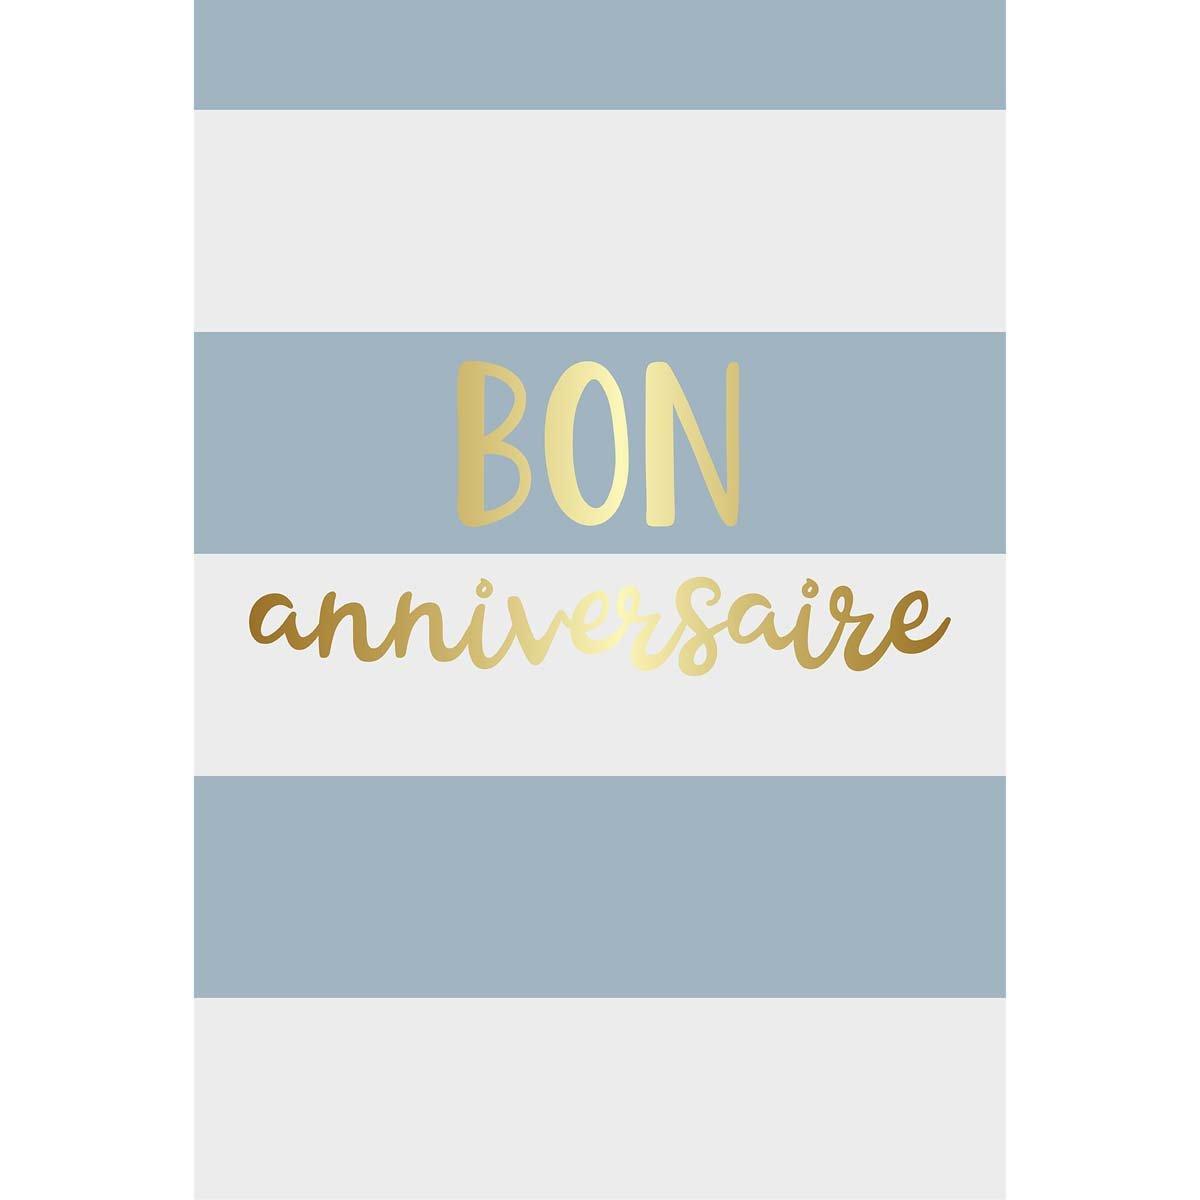 Carte de voeux bon anniversaire